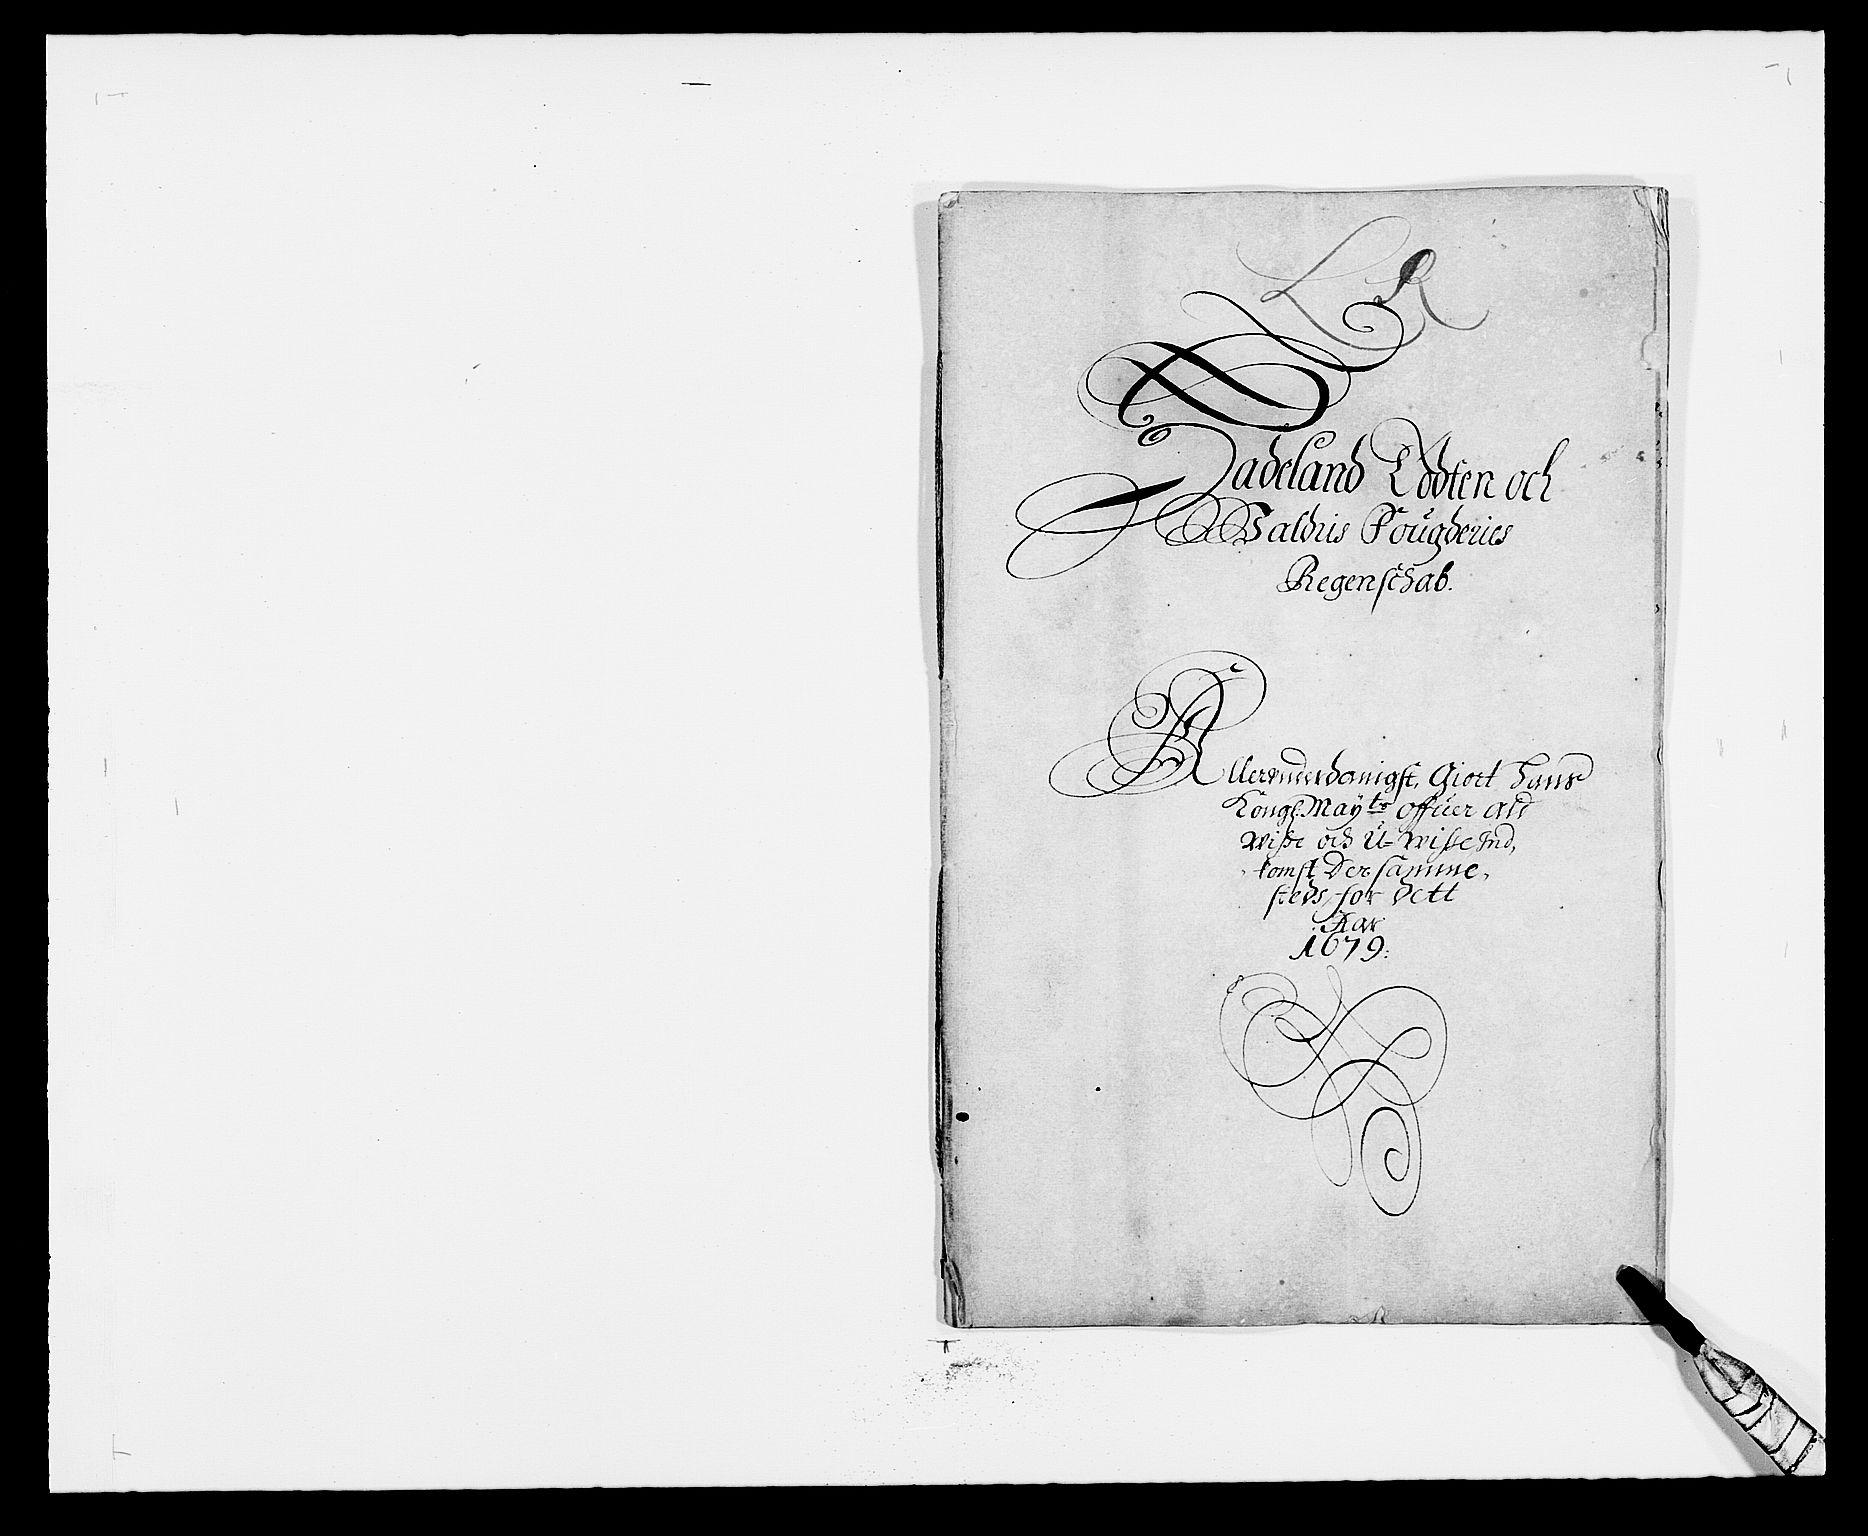 RA, Rentekammeret inntil 1814, Reviderte regnskaper, Fogderegnskap, R18/L1272: Fogderegnskap Hadeland, Toten og Valdres, 1679, s. 1